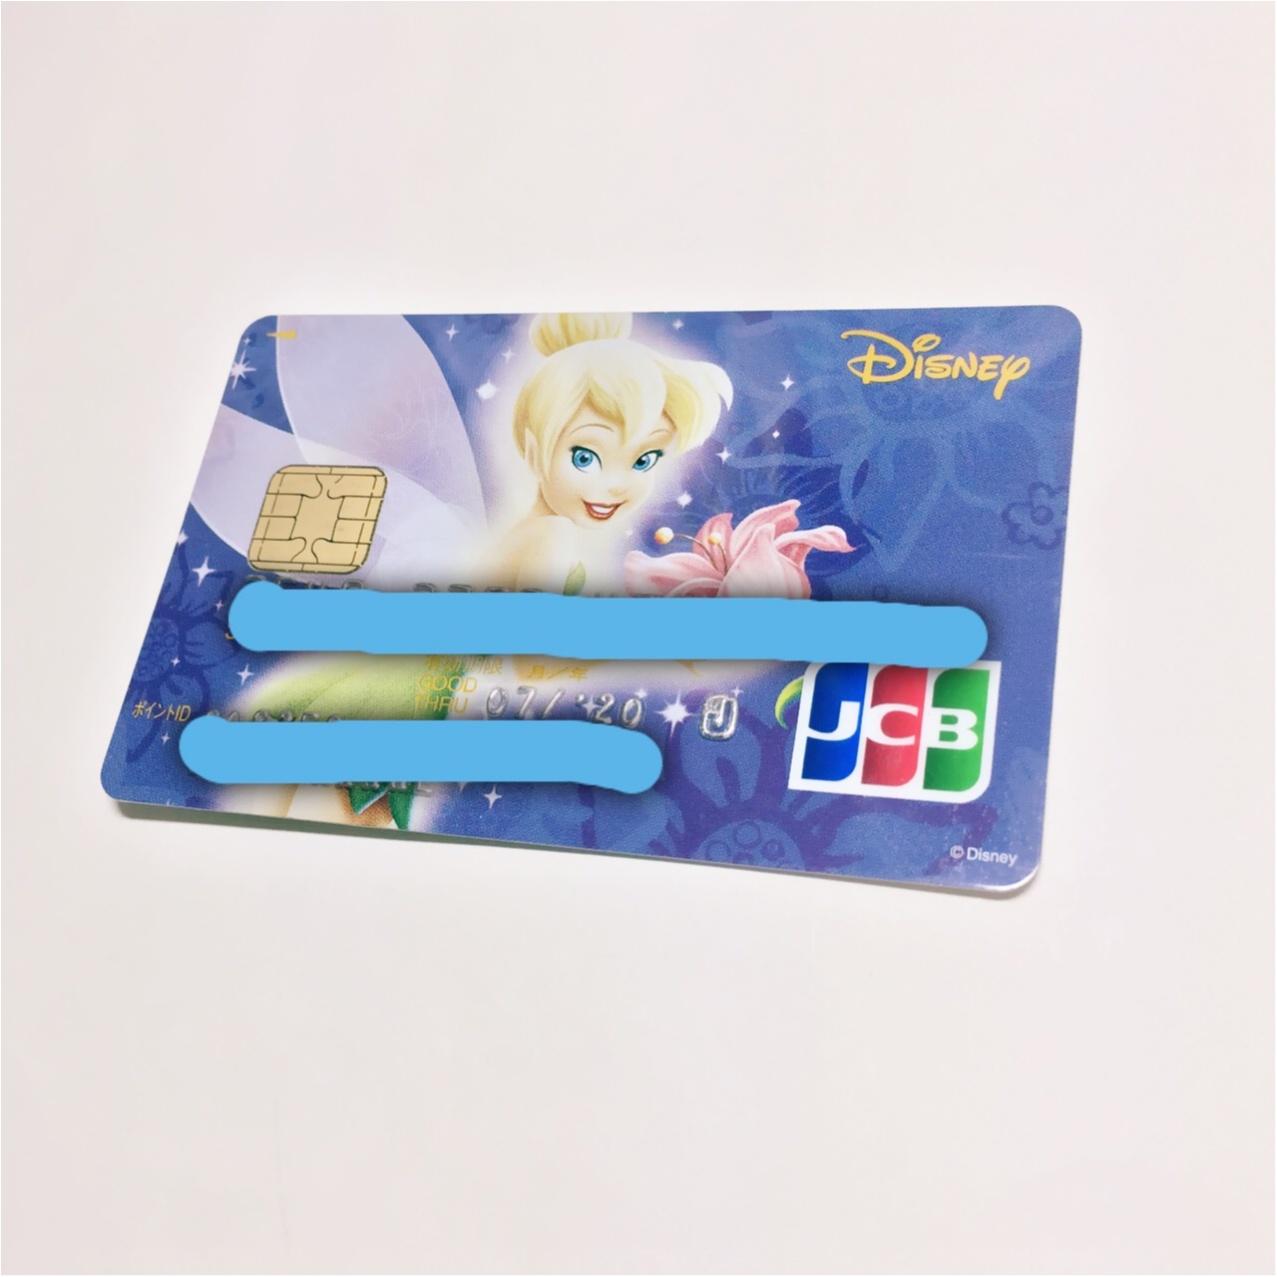 ショッピングもレジャーもお得に❤︎3枚のクレジットカードを使い分け♪_4